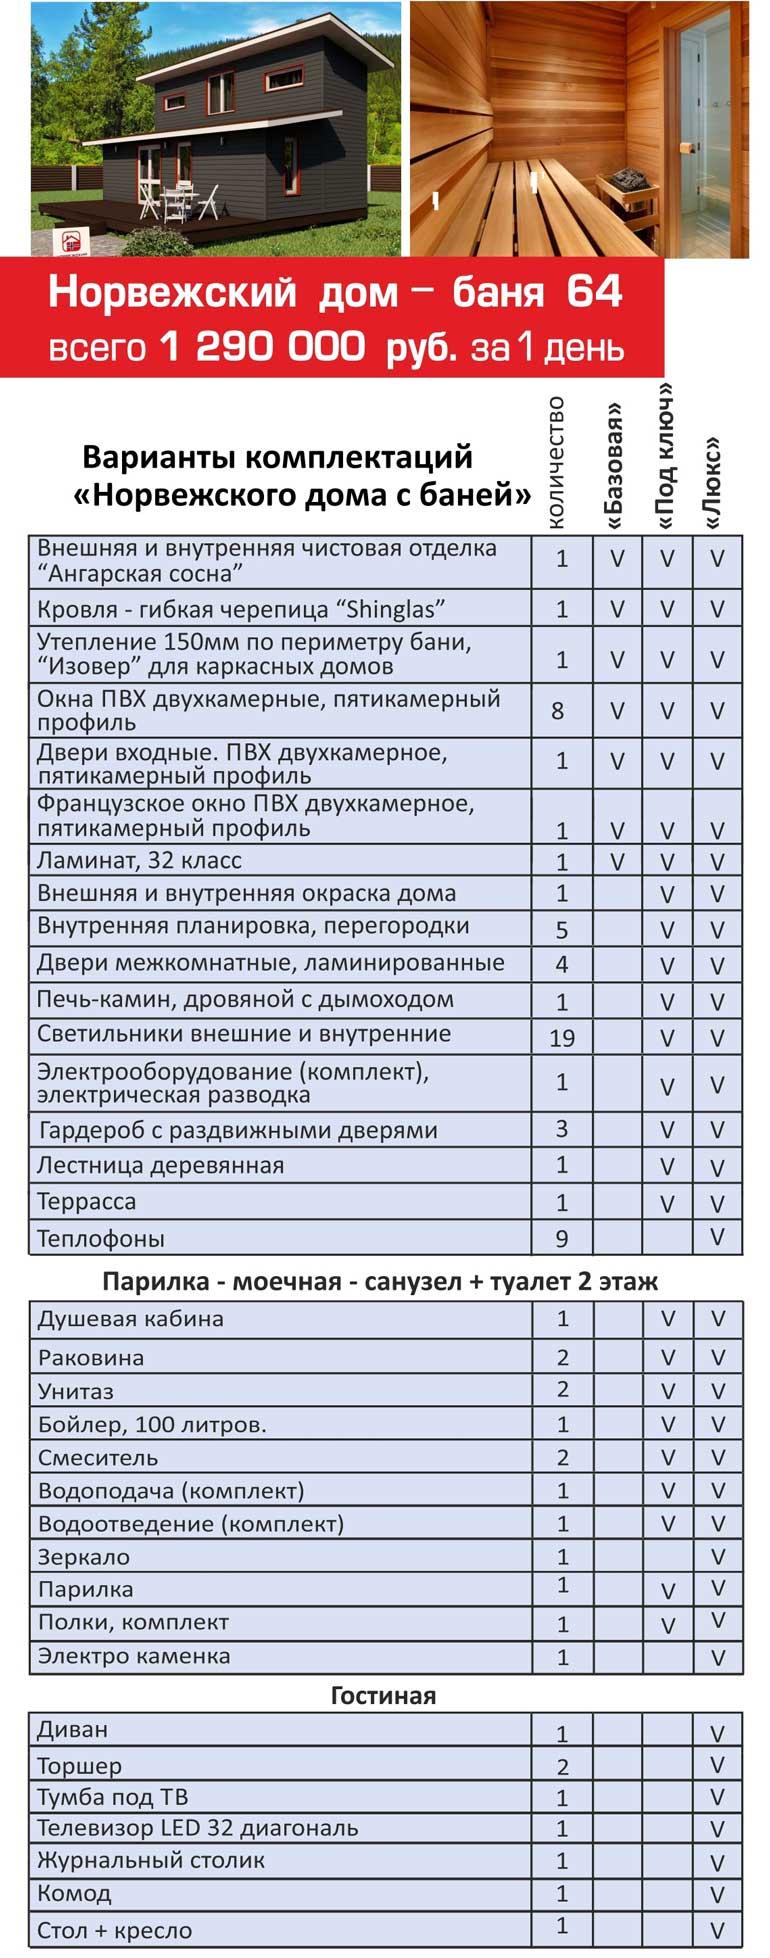 norvezhskiy-dom-banya-64-modum-v-kurske